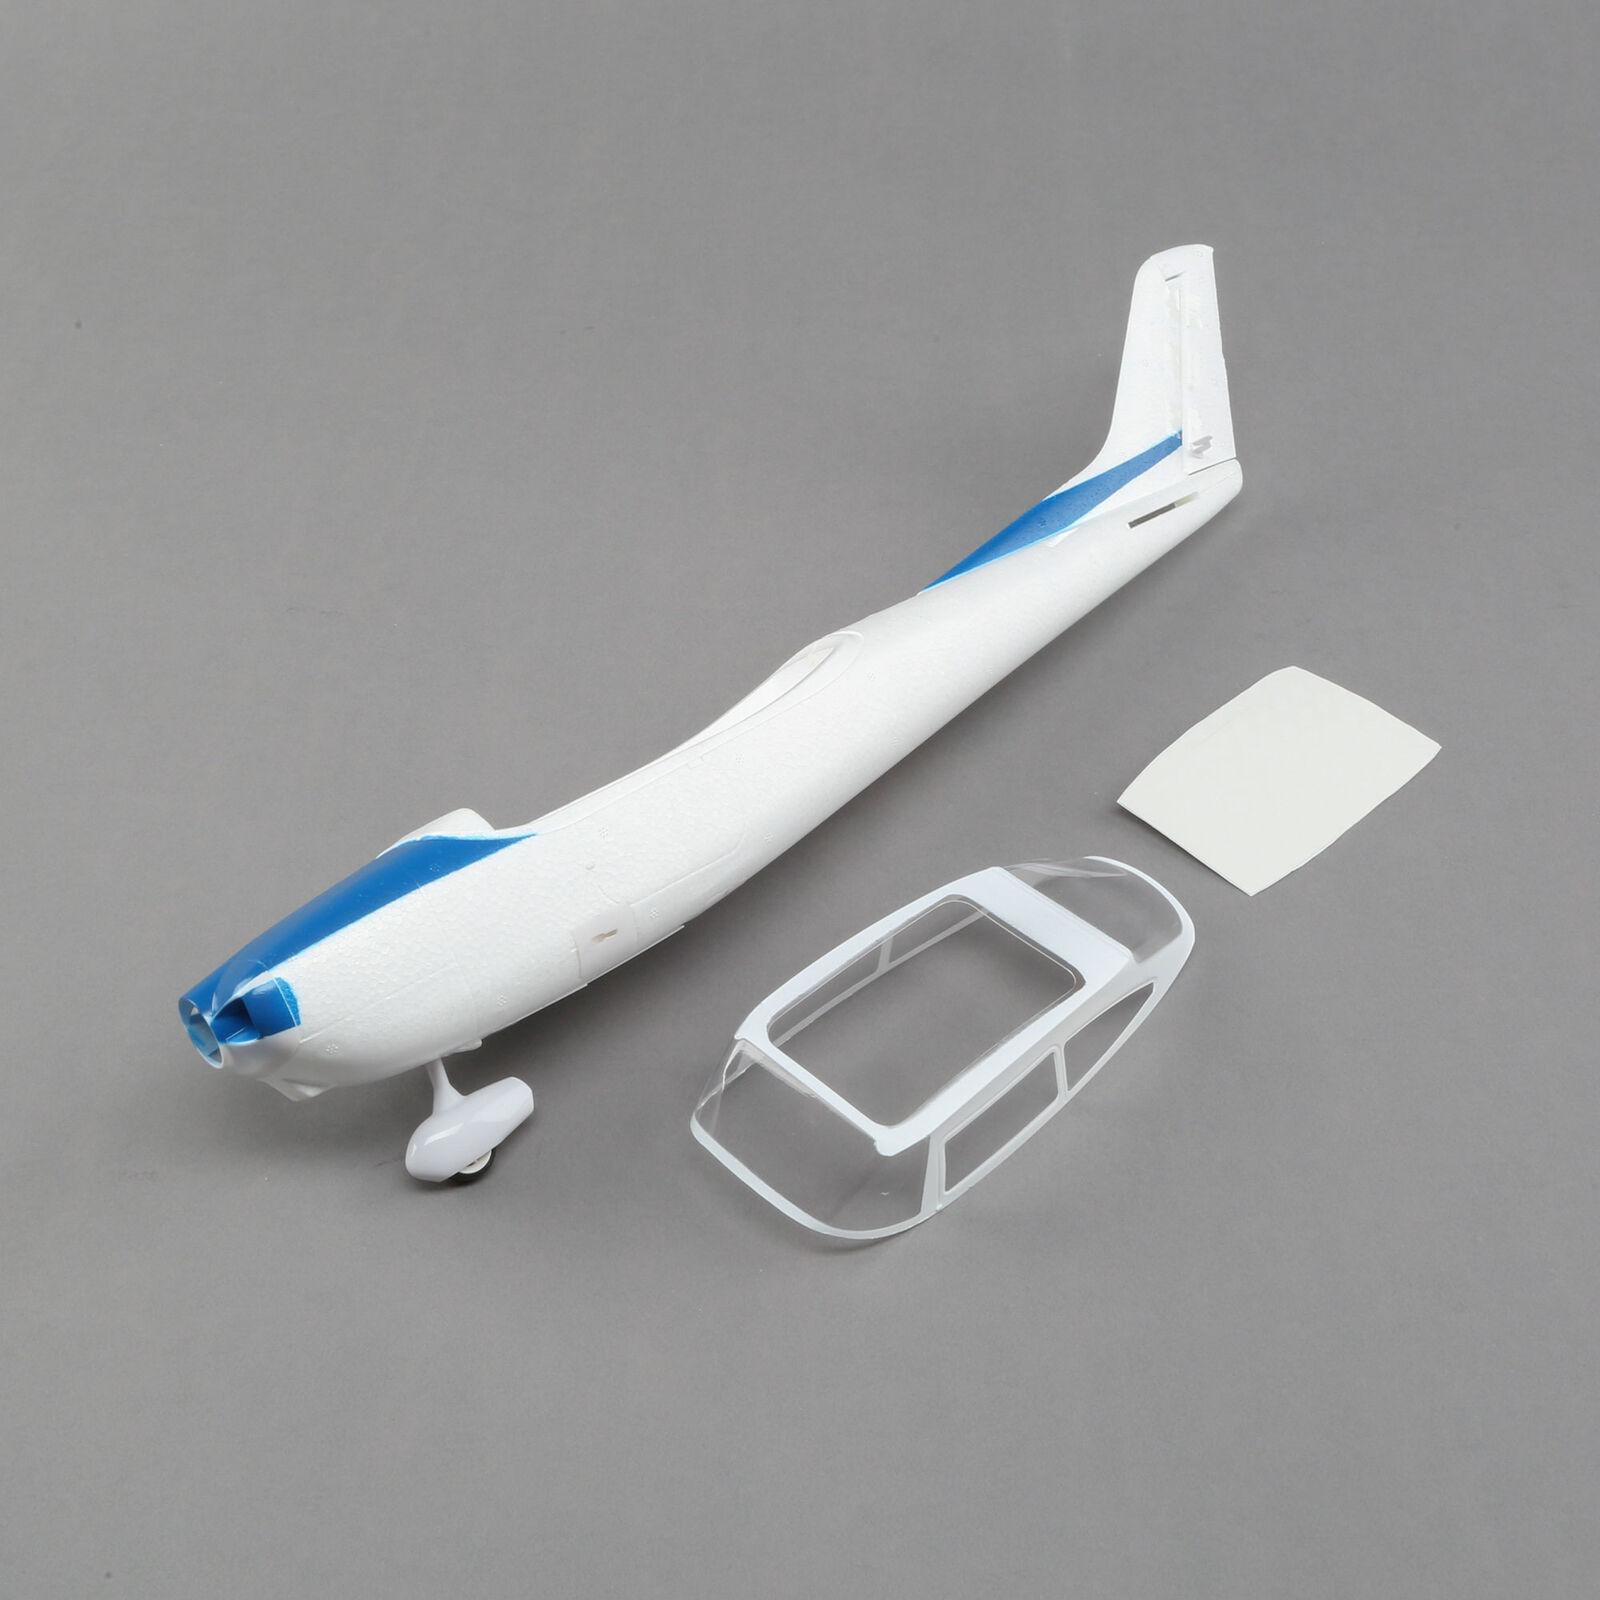 UMX Cessna 182 - Fuselage nu